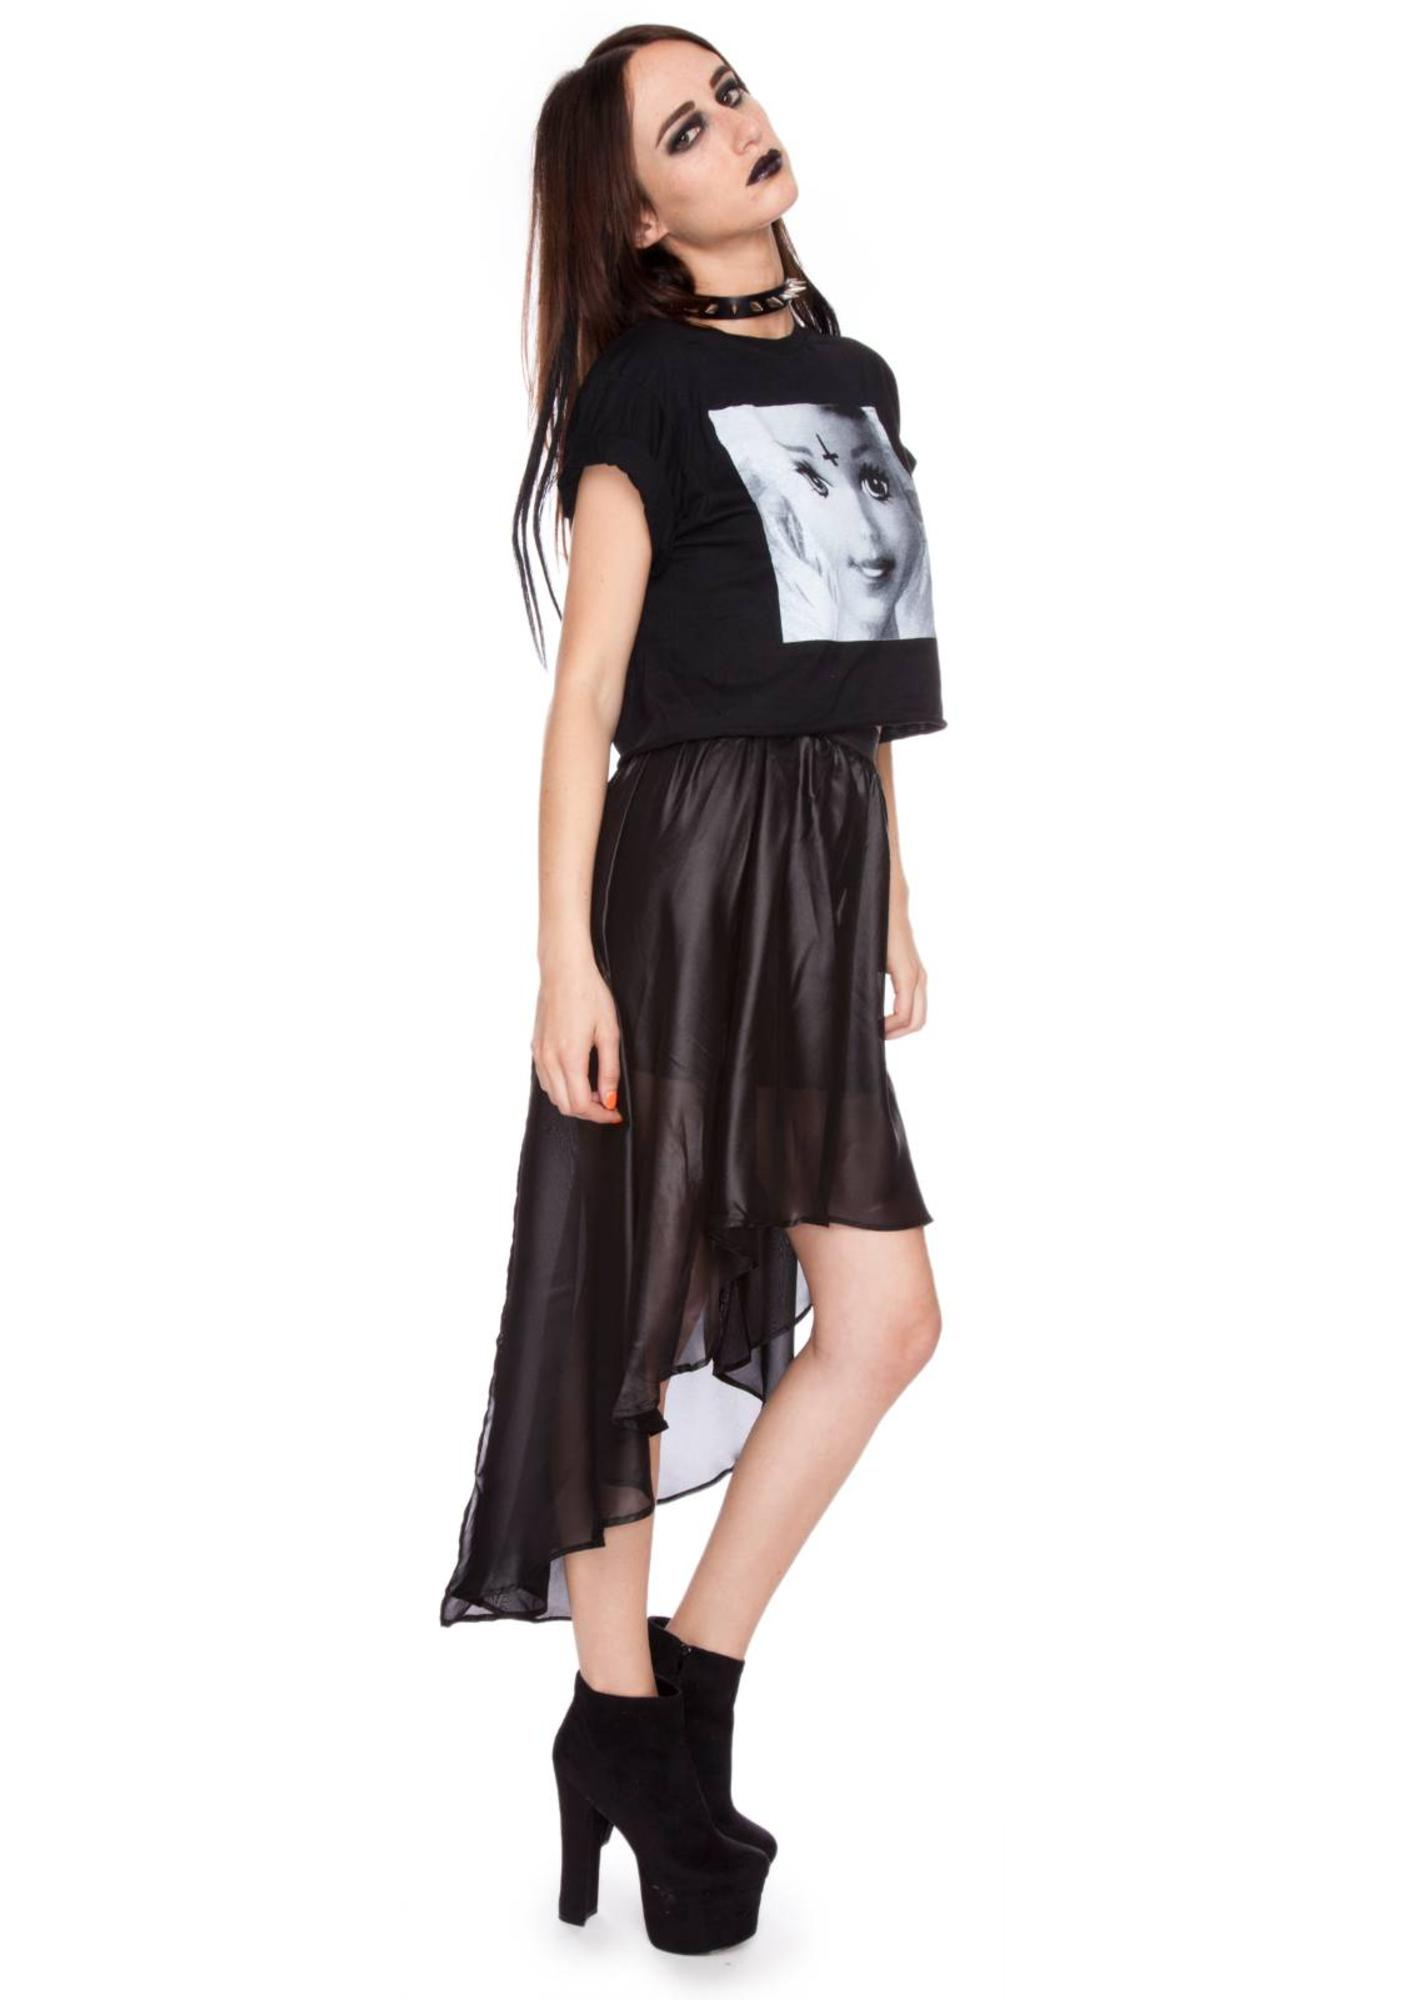 Widow Chinsed Chiffon Tail Skirt